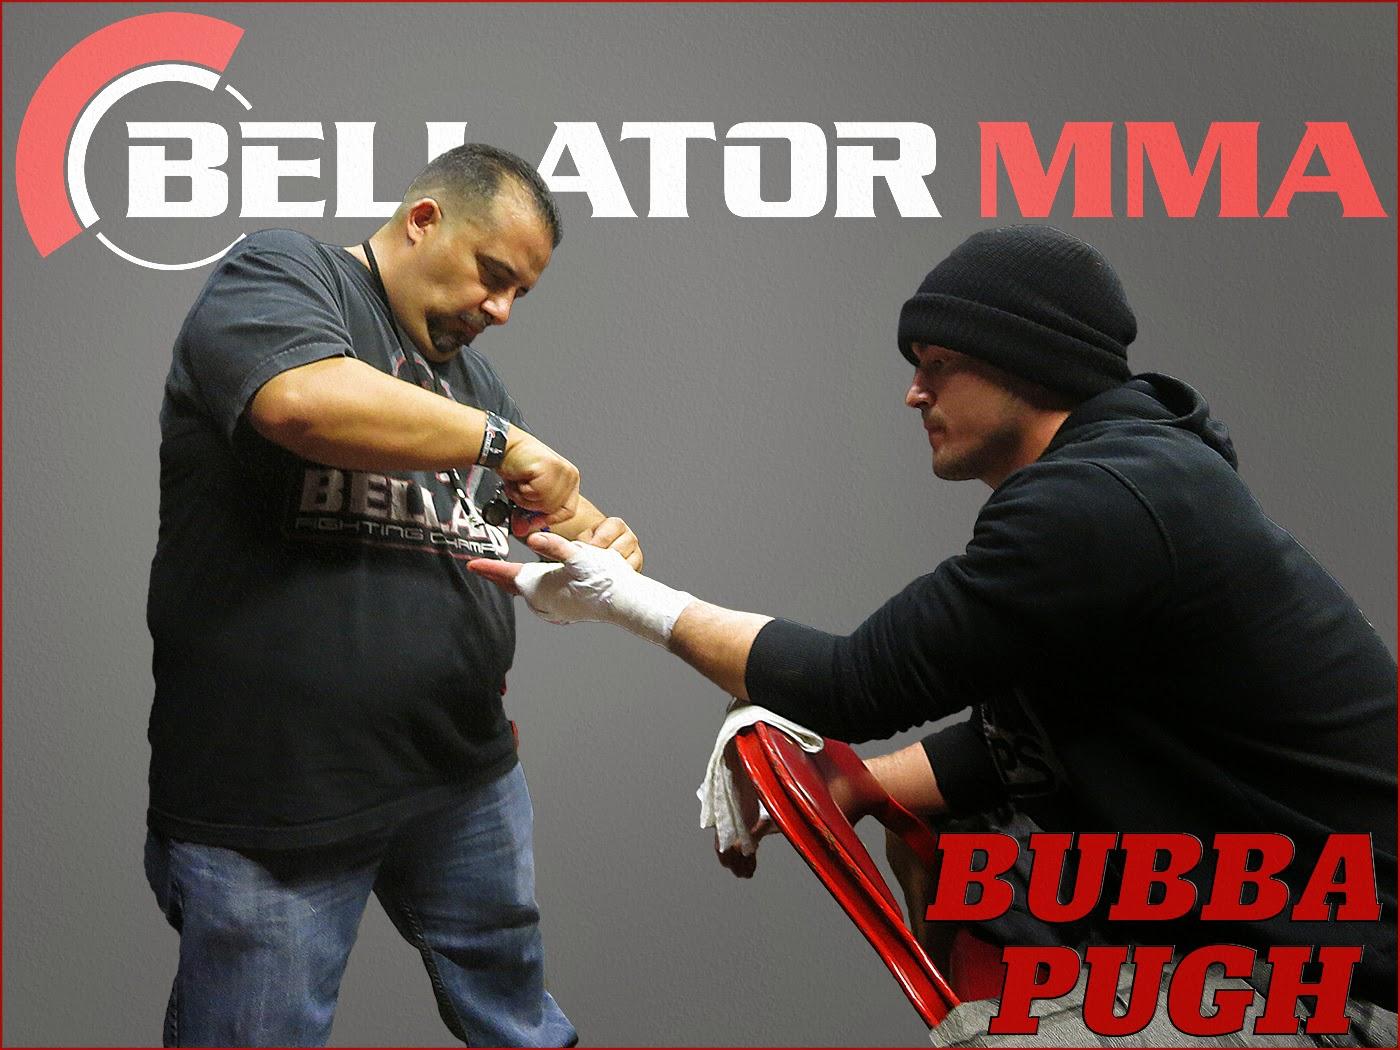 MMA fighter Bubba Pugh backstage getting prepared to do battle